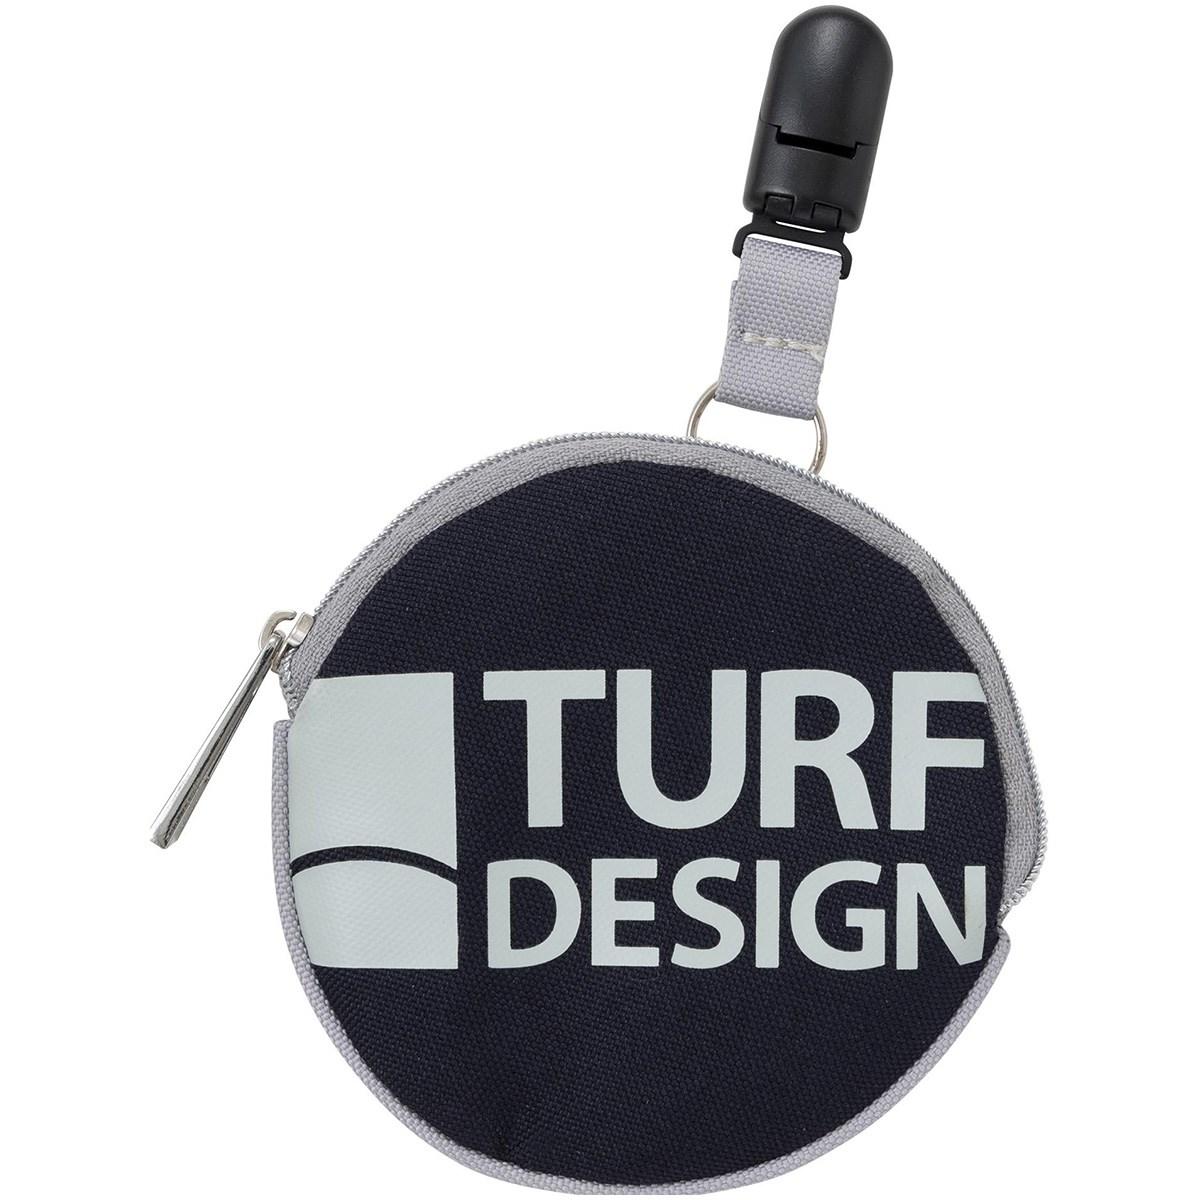 ターフデザイン TURF DESIGN 2WAY パターキャッチャー機能付き ボールクリーナー ブルー